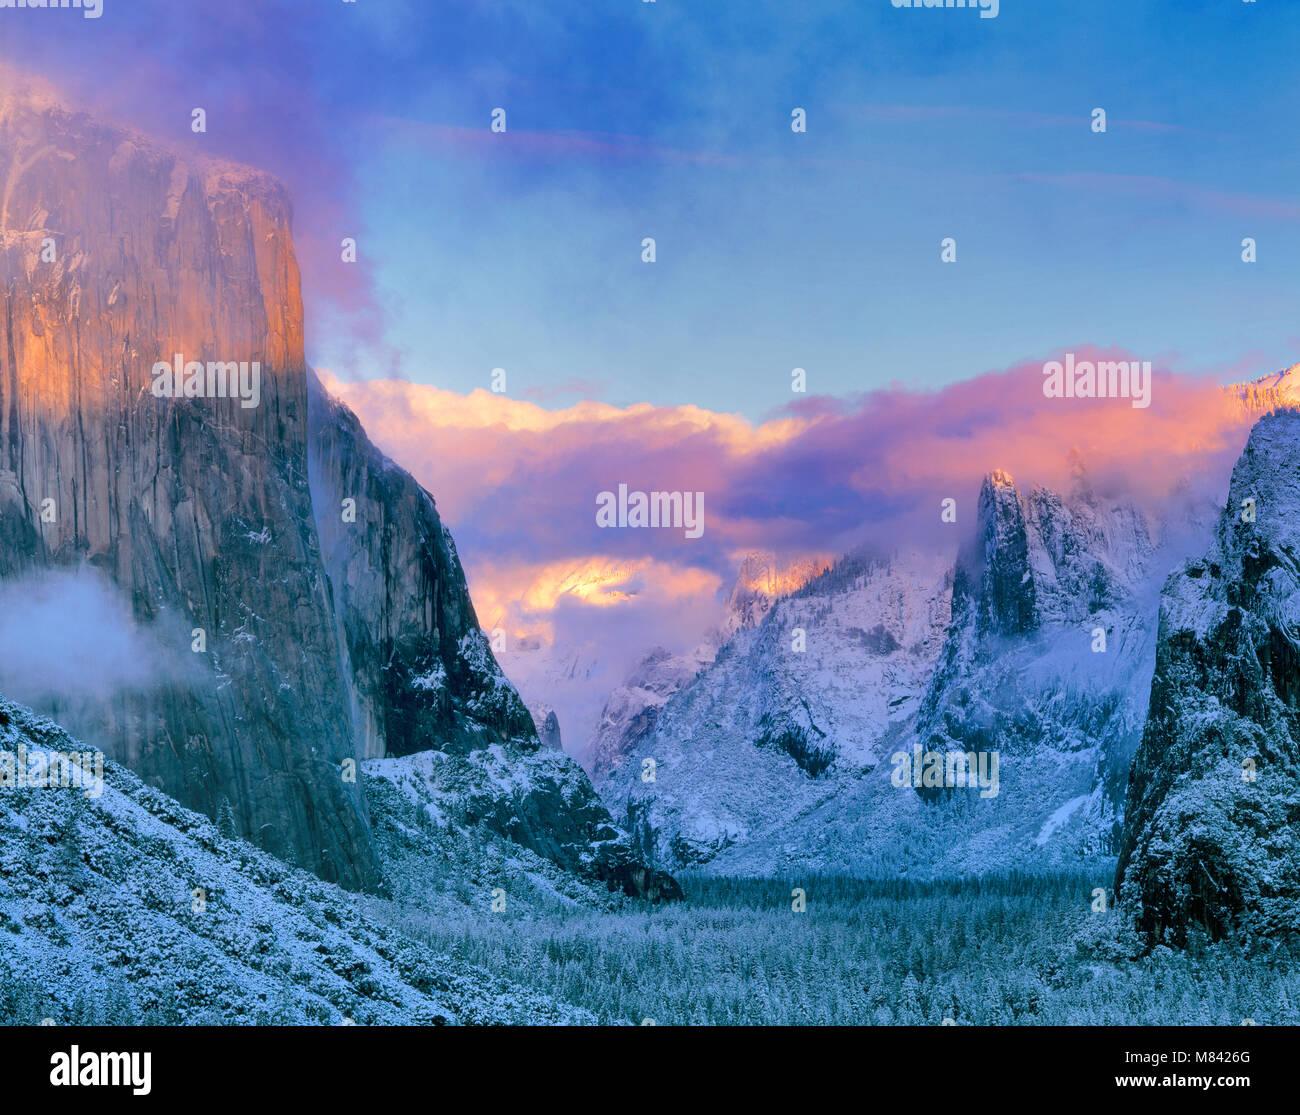 Clearing Storm, El Capitan, Yosemite National Park, California - Stock Image